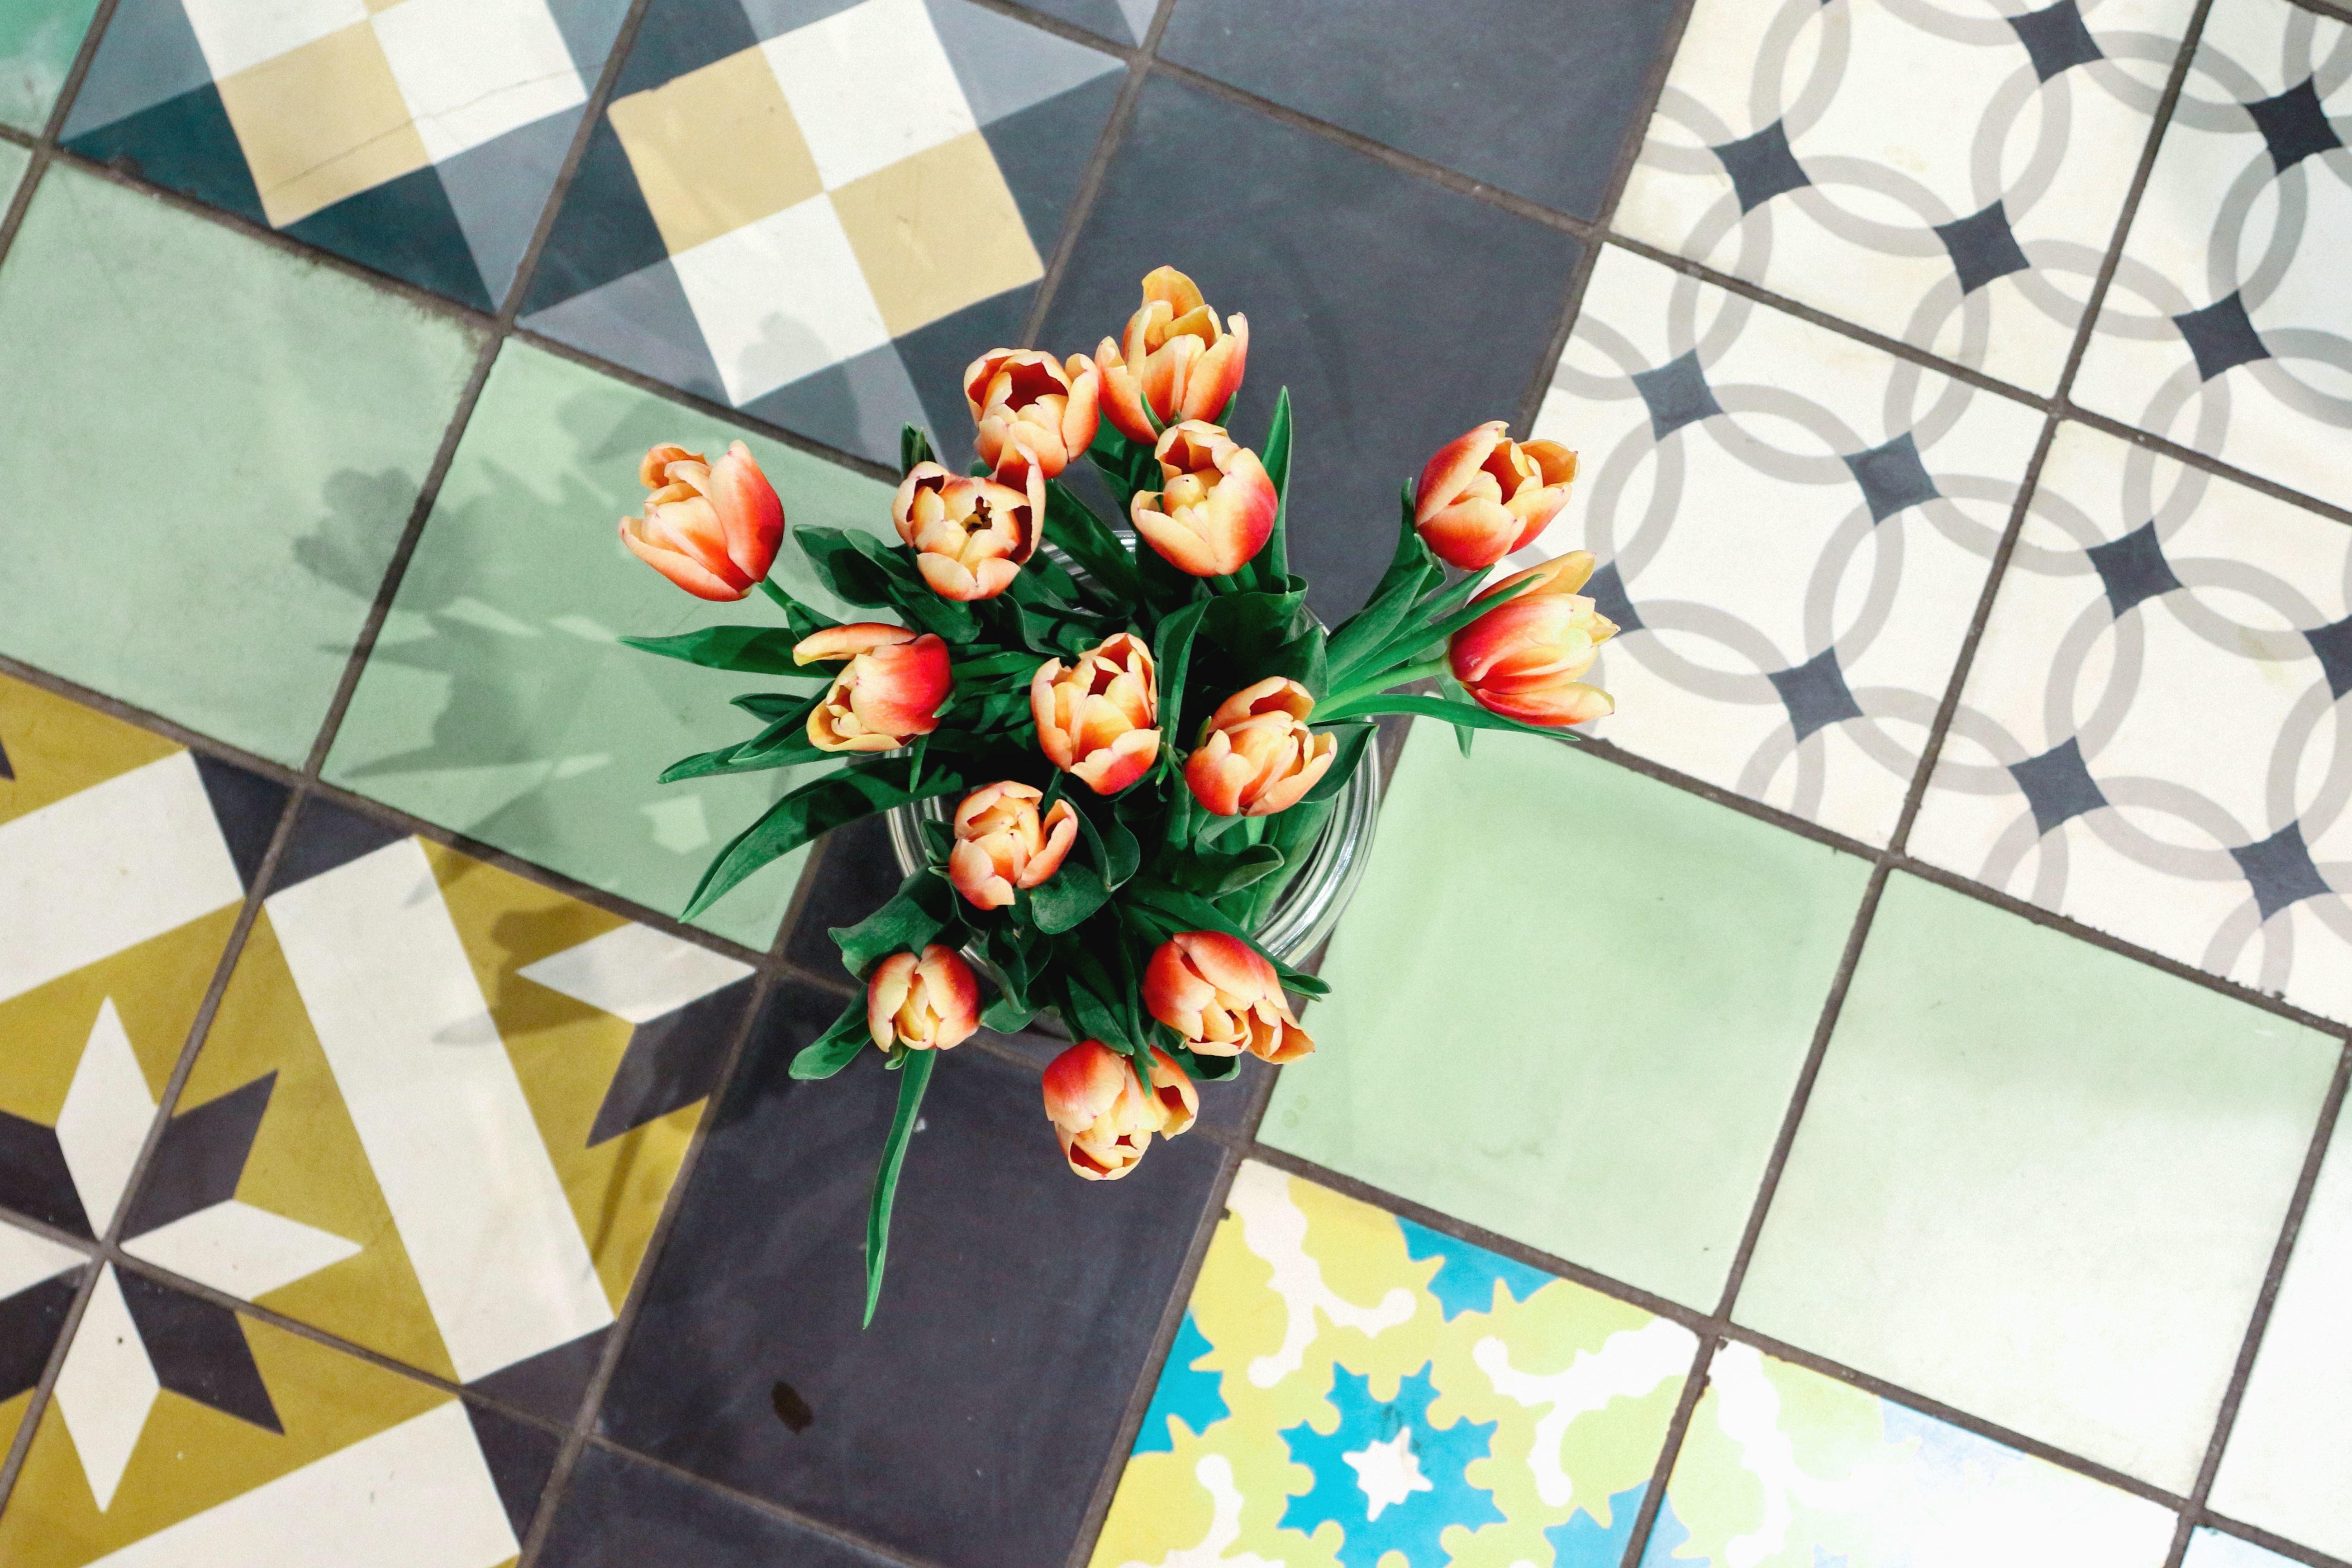 Lampada Fiore Tulipano : Foto gratis: tulipano vaso piastrelle decorazione